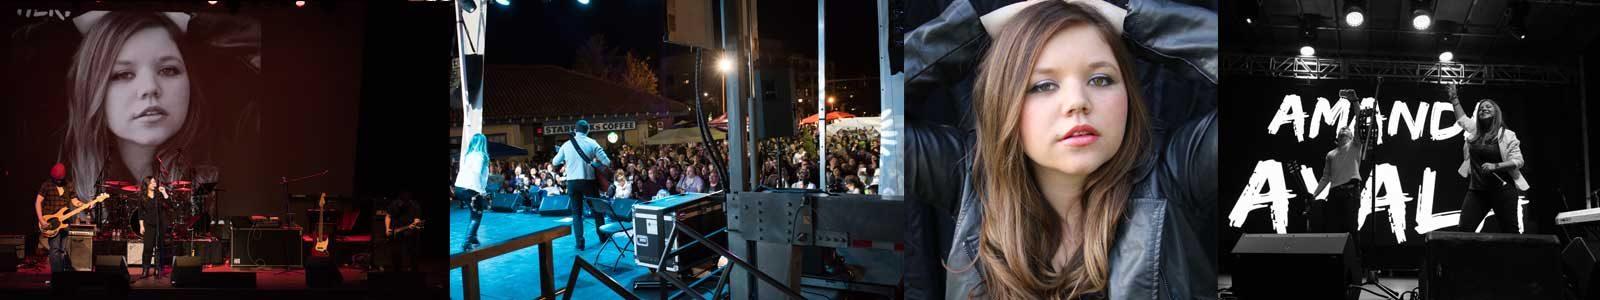 Amanda Ayala's Band Pictures